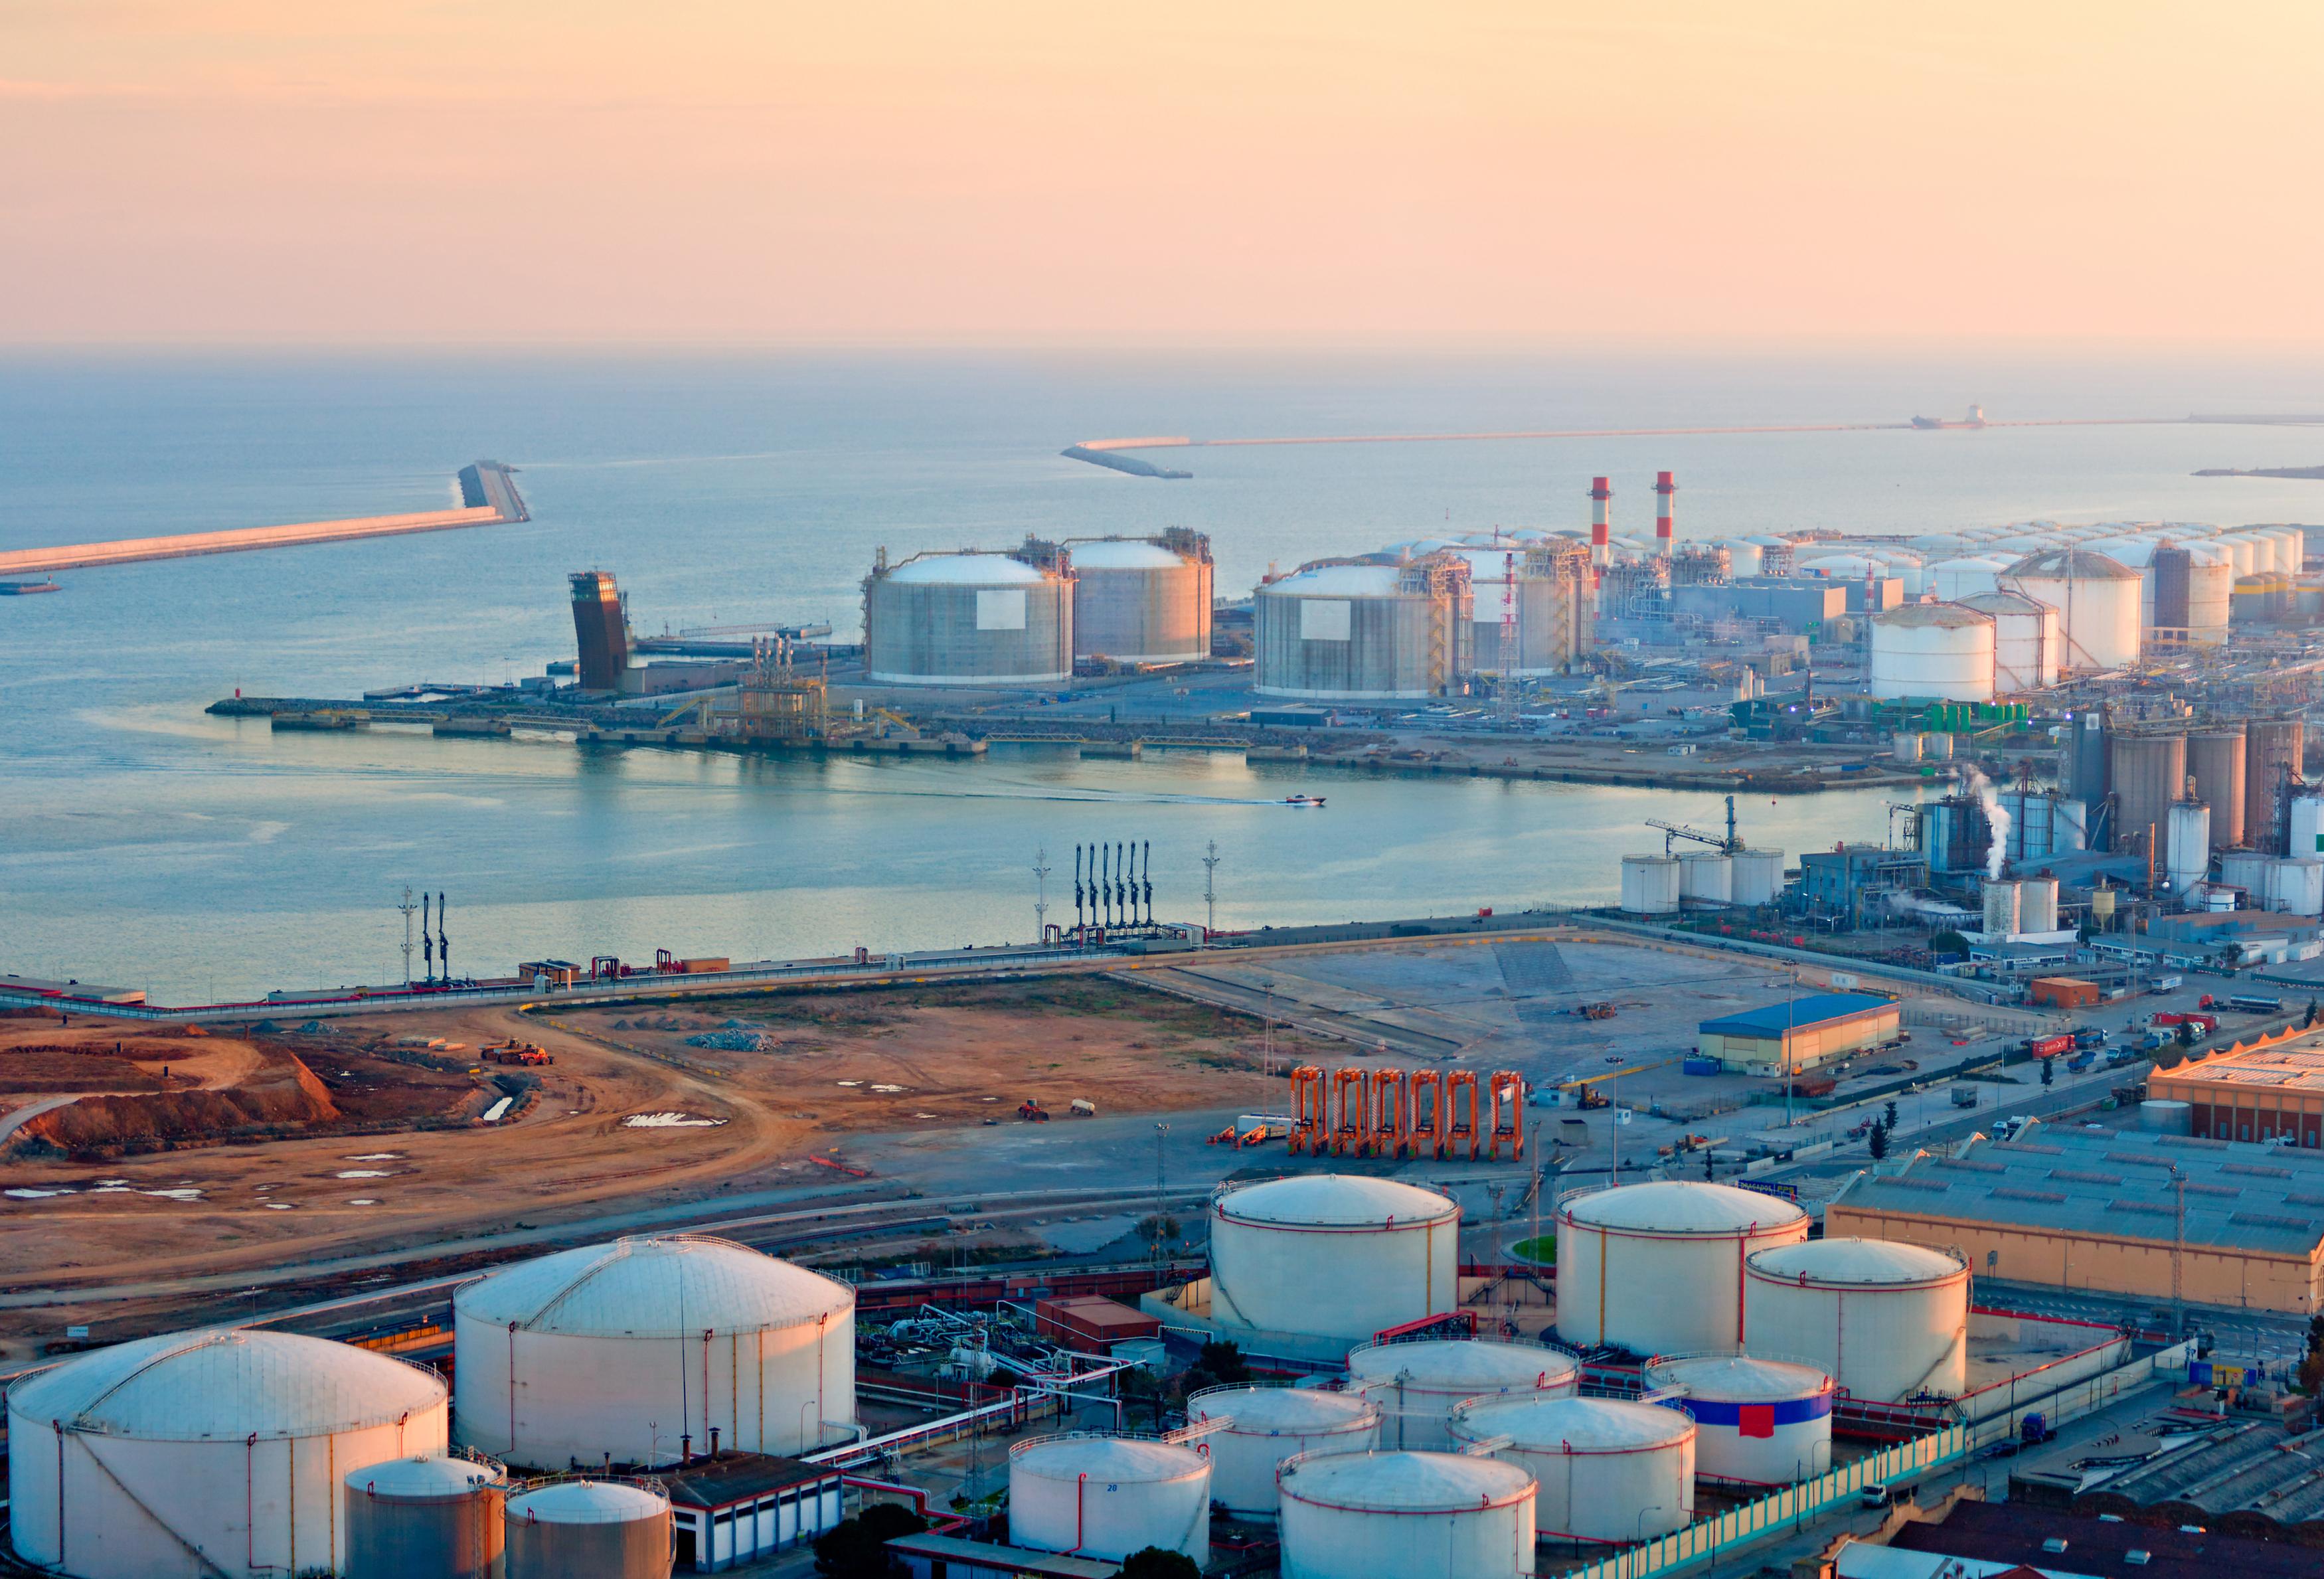 LNG storage tanks.